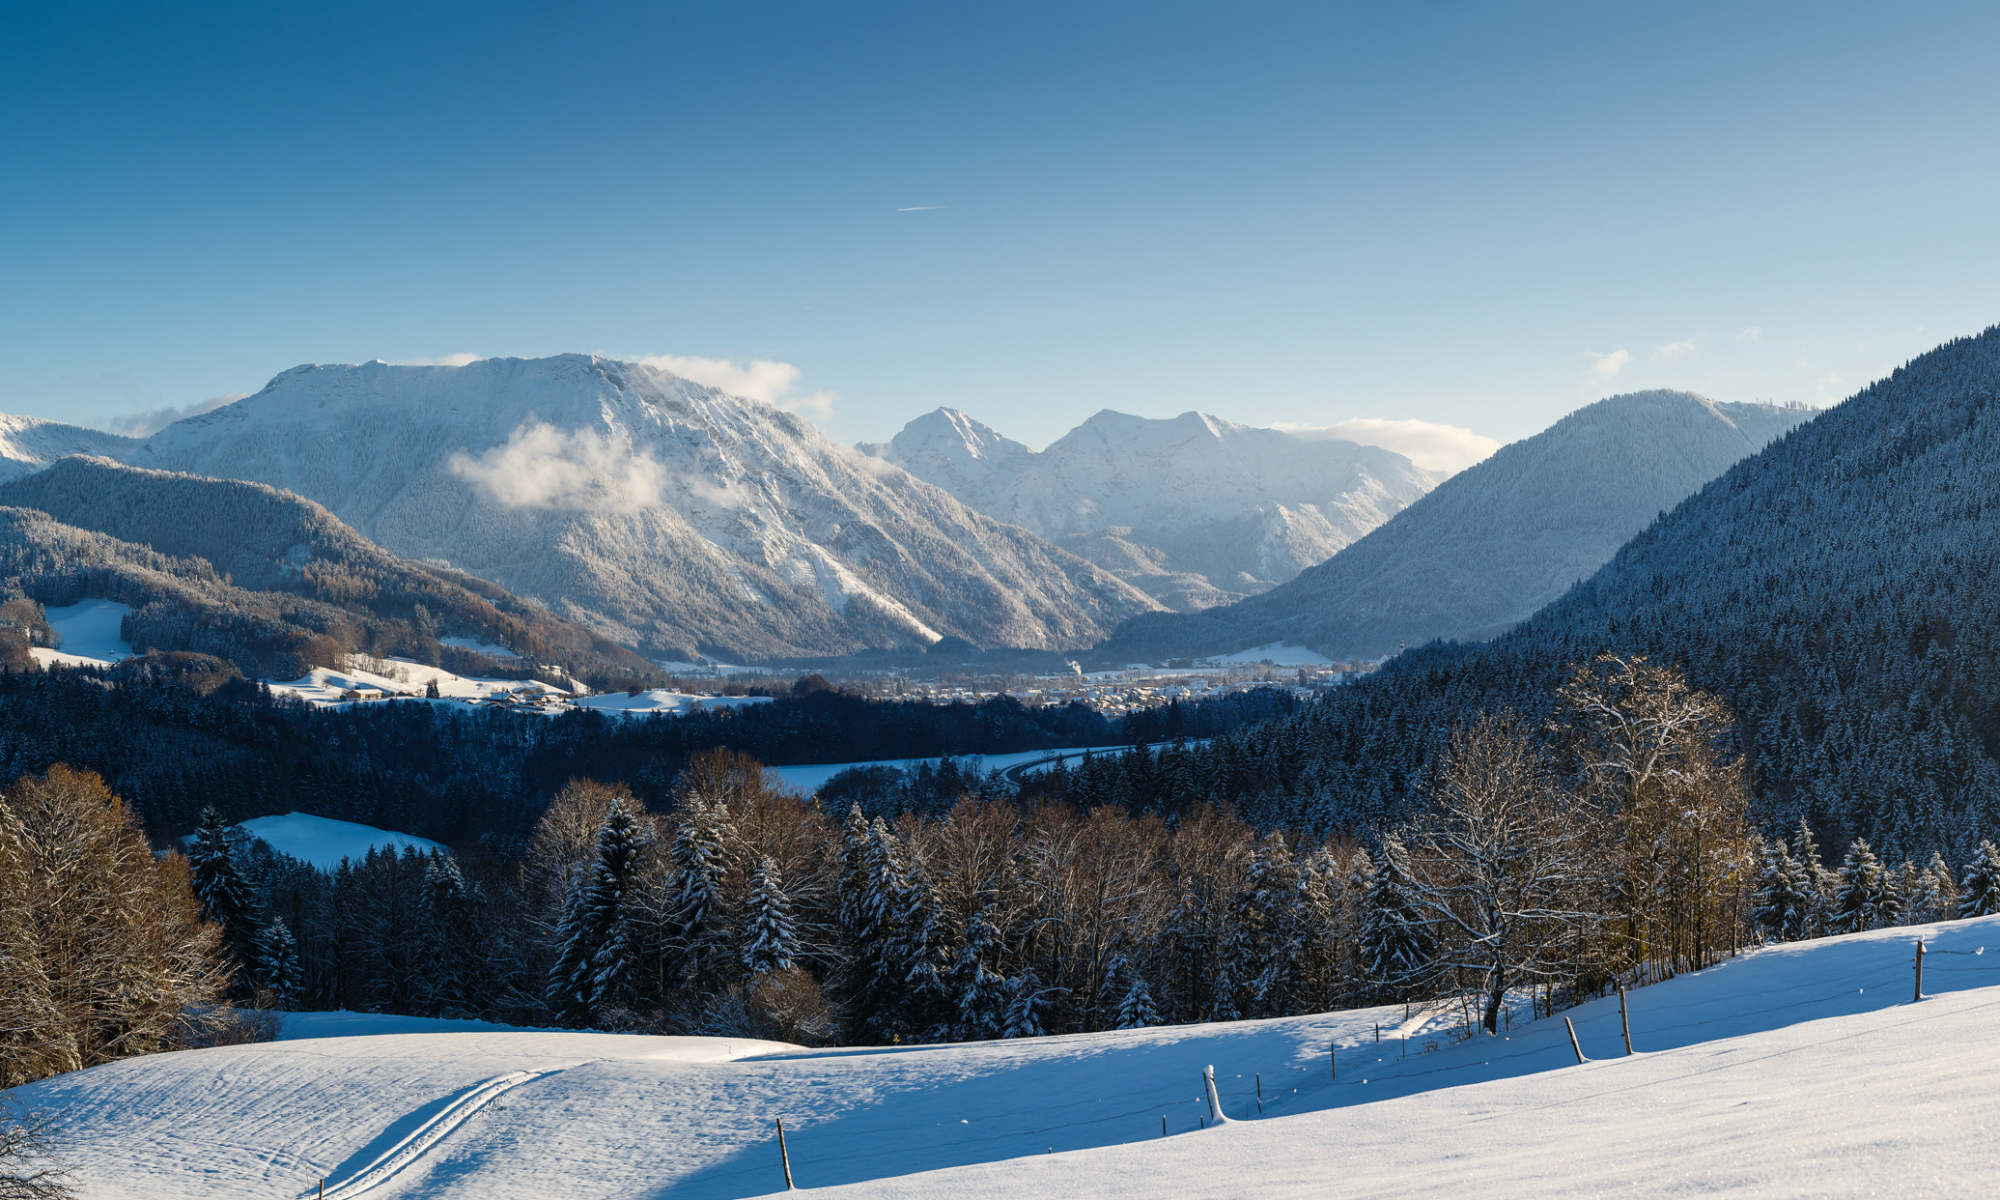 Aussicht auf den Talkessel und die Chiemgauer Alpen im Skigebiet Ruhpolding.